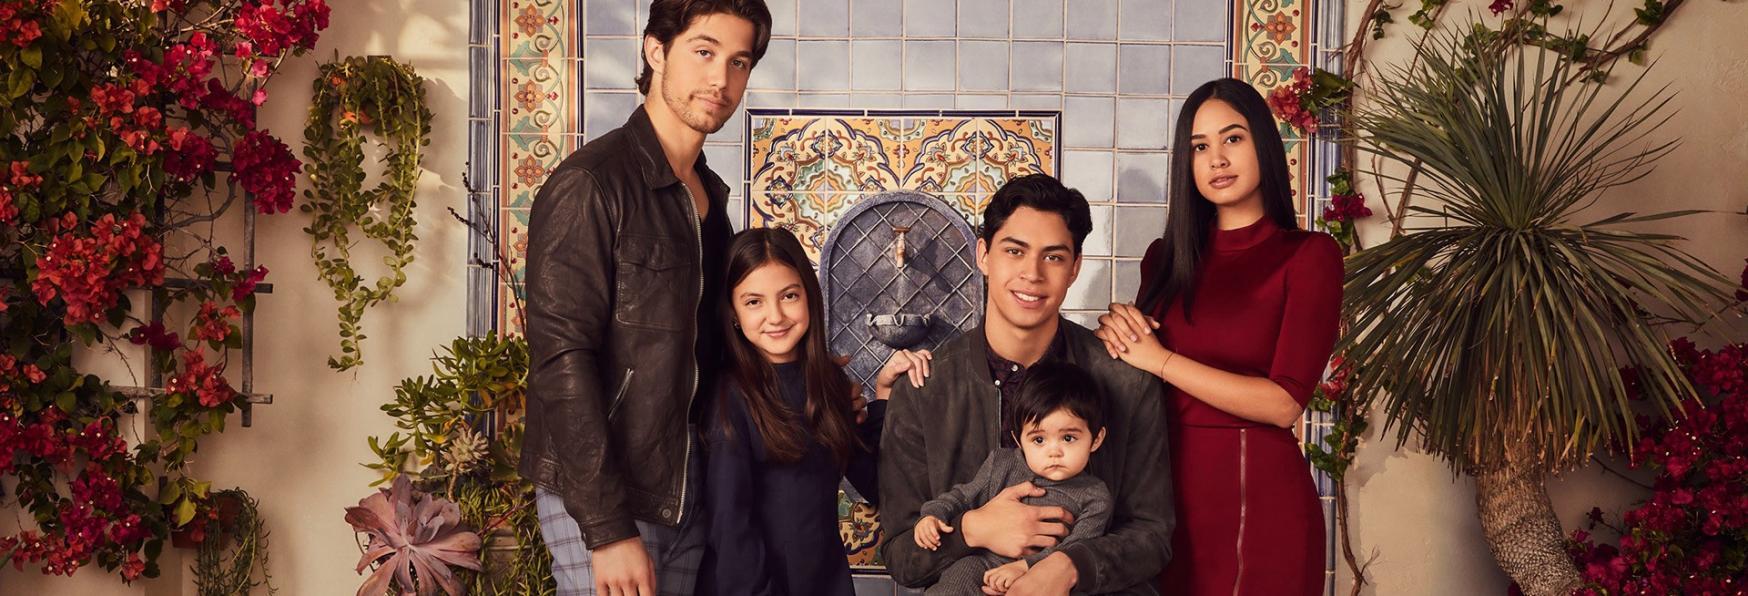 Party of Five: la Serie TV Remake Cancellata dopo una sola Stagione